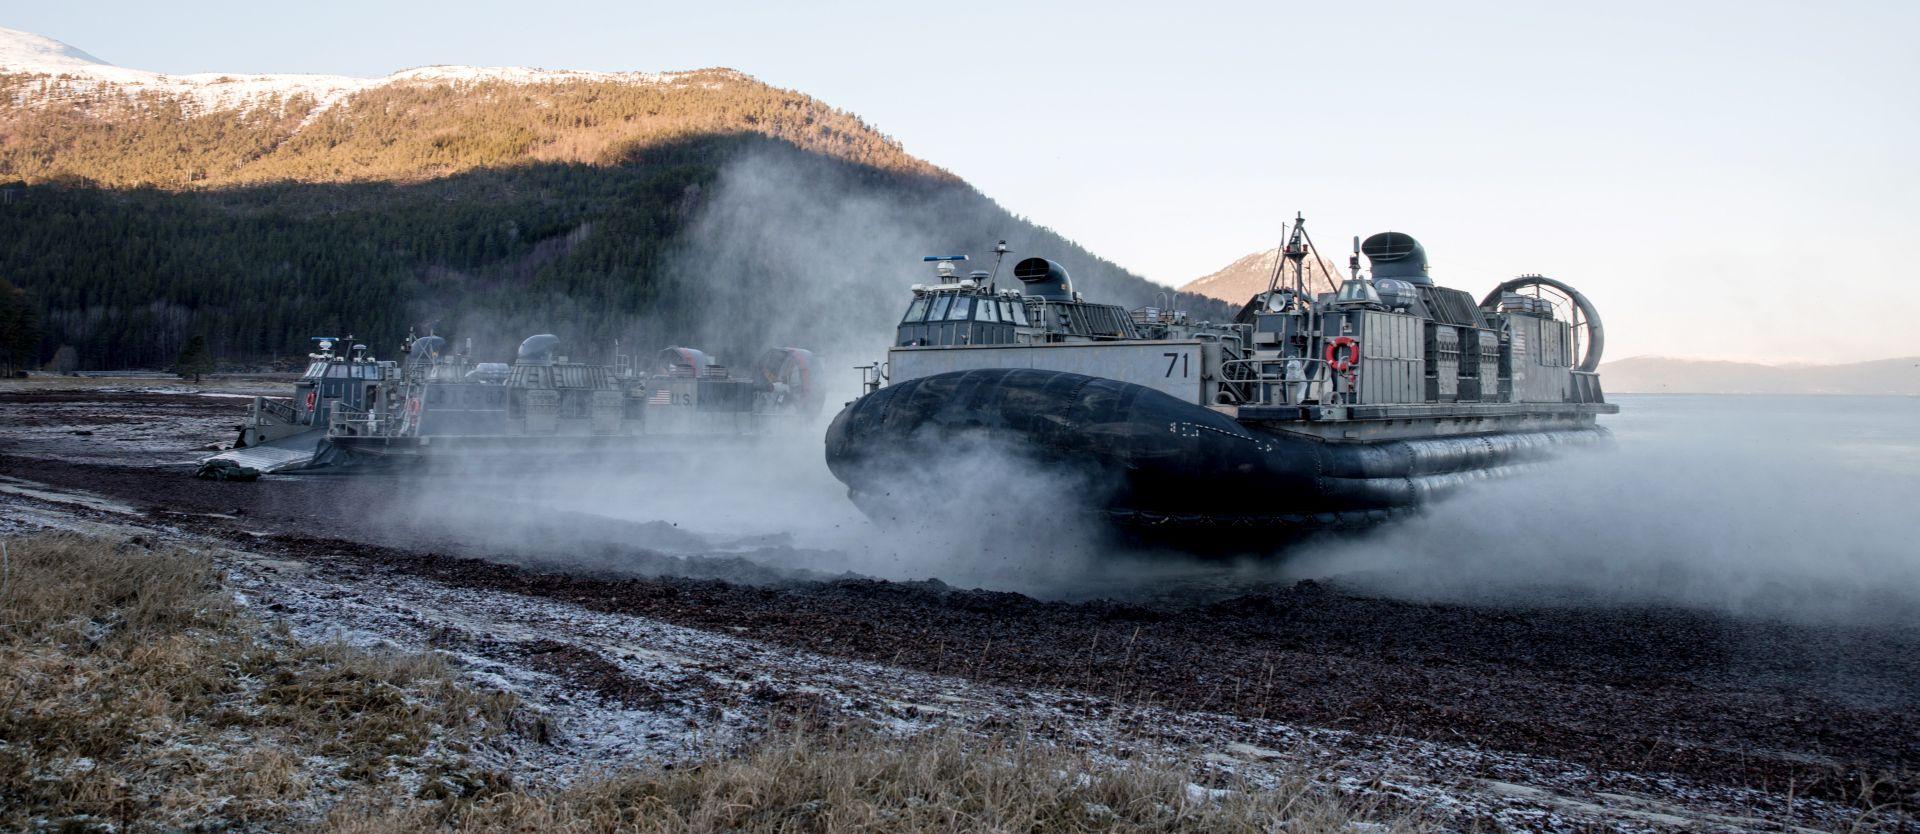 MORH: Hrvatski general na čelu logistike vježbe NATO-saveza